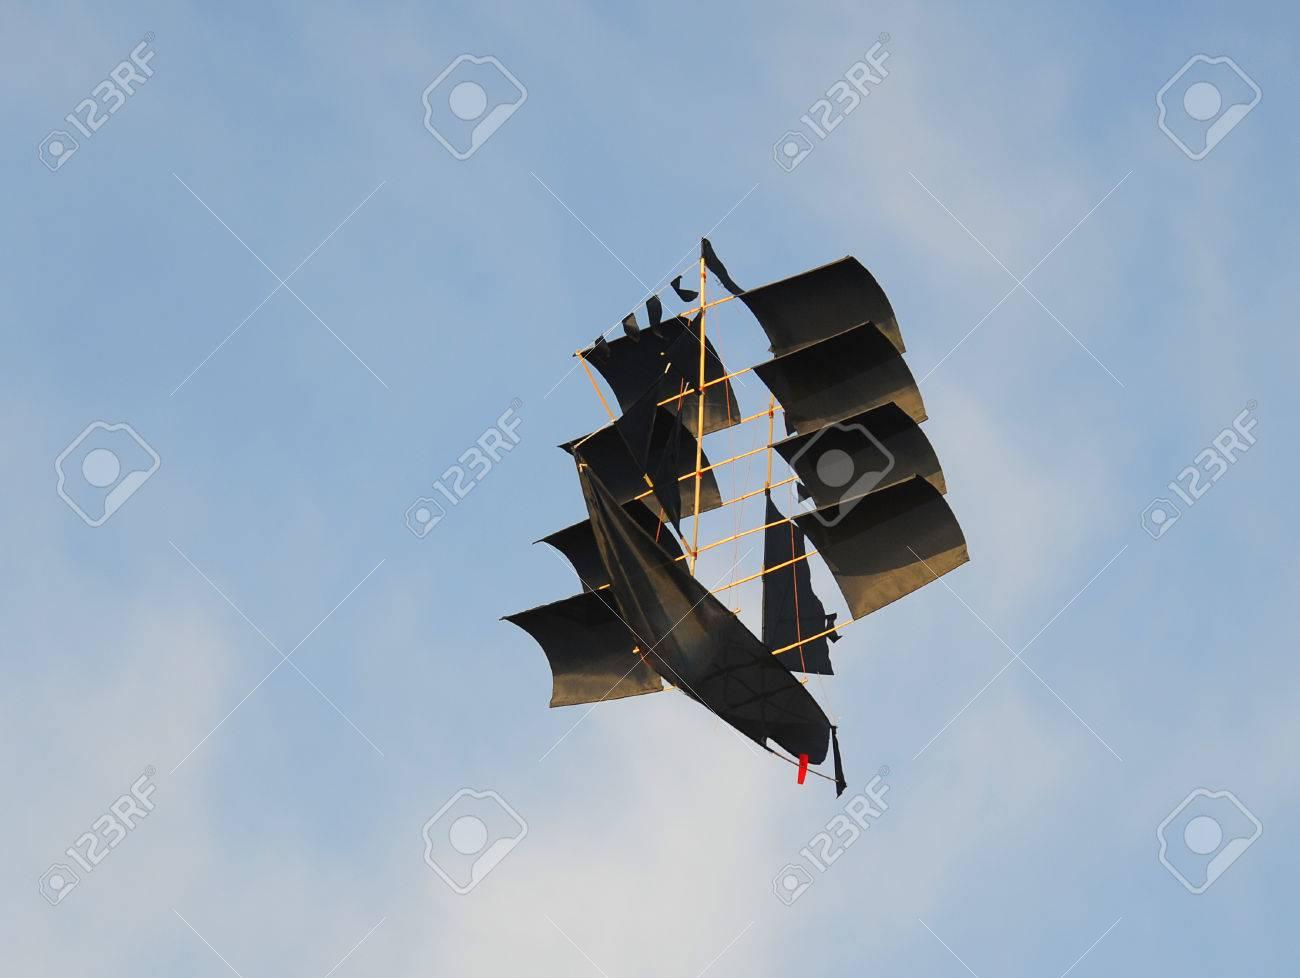 Bateau Noir Qui Vole Dans Le Ciel Ensoleille Banque D Images Et Photos Libres De Droits Image 27415087